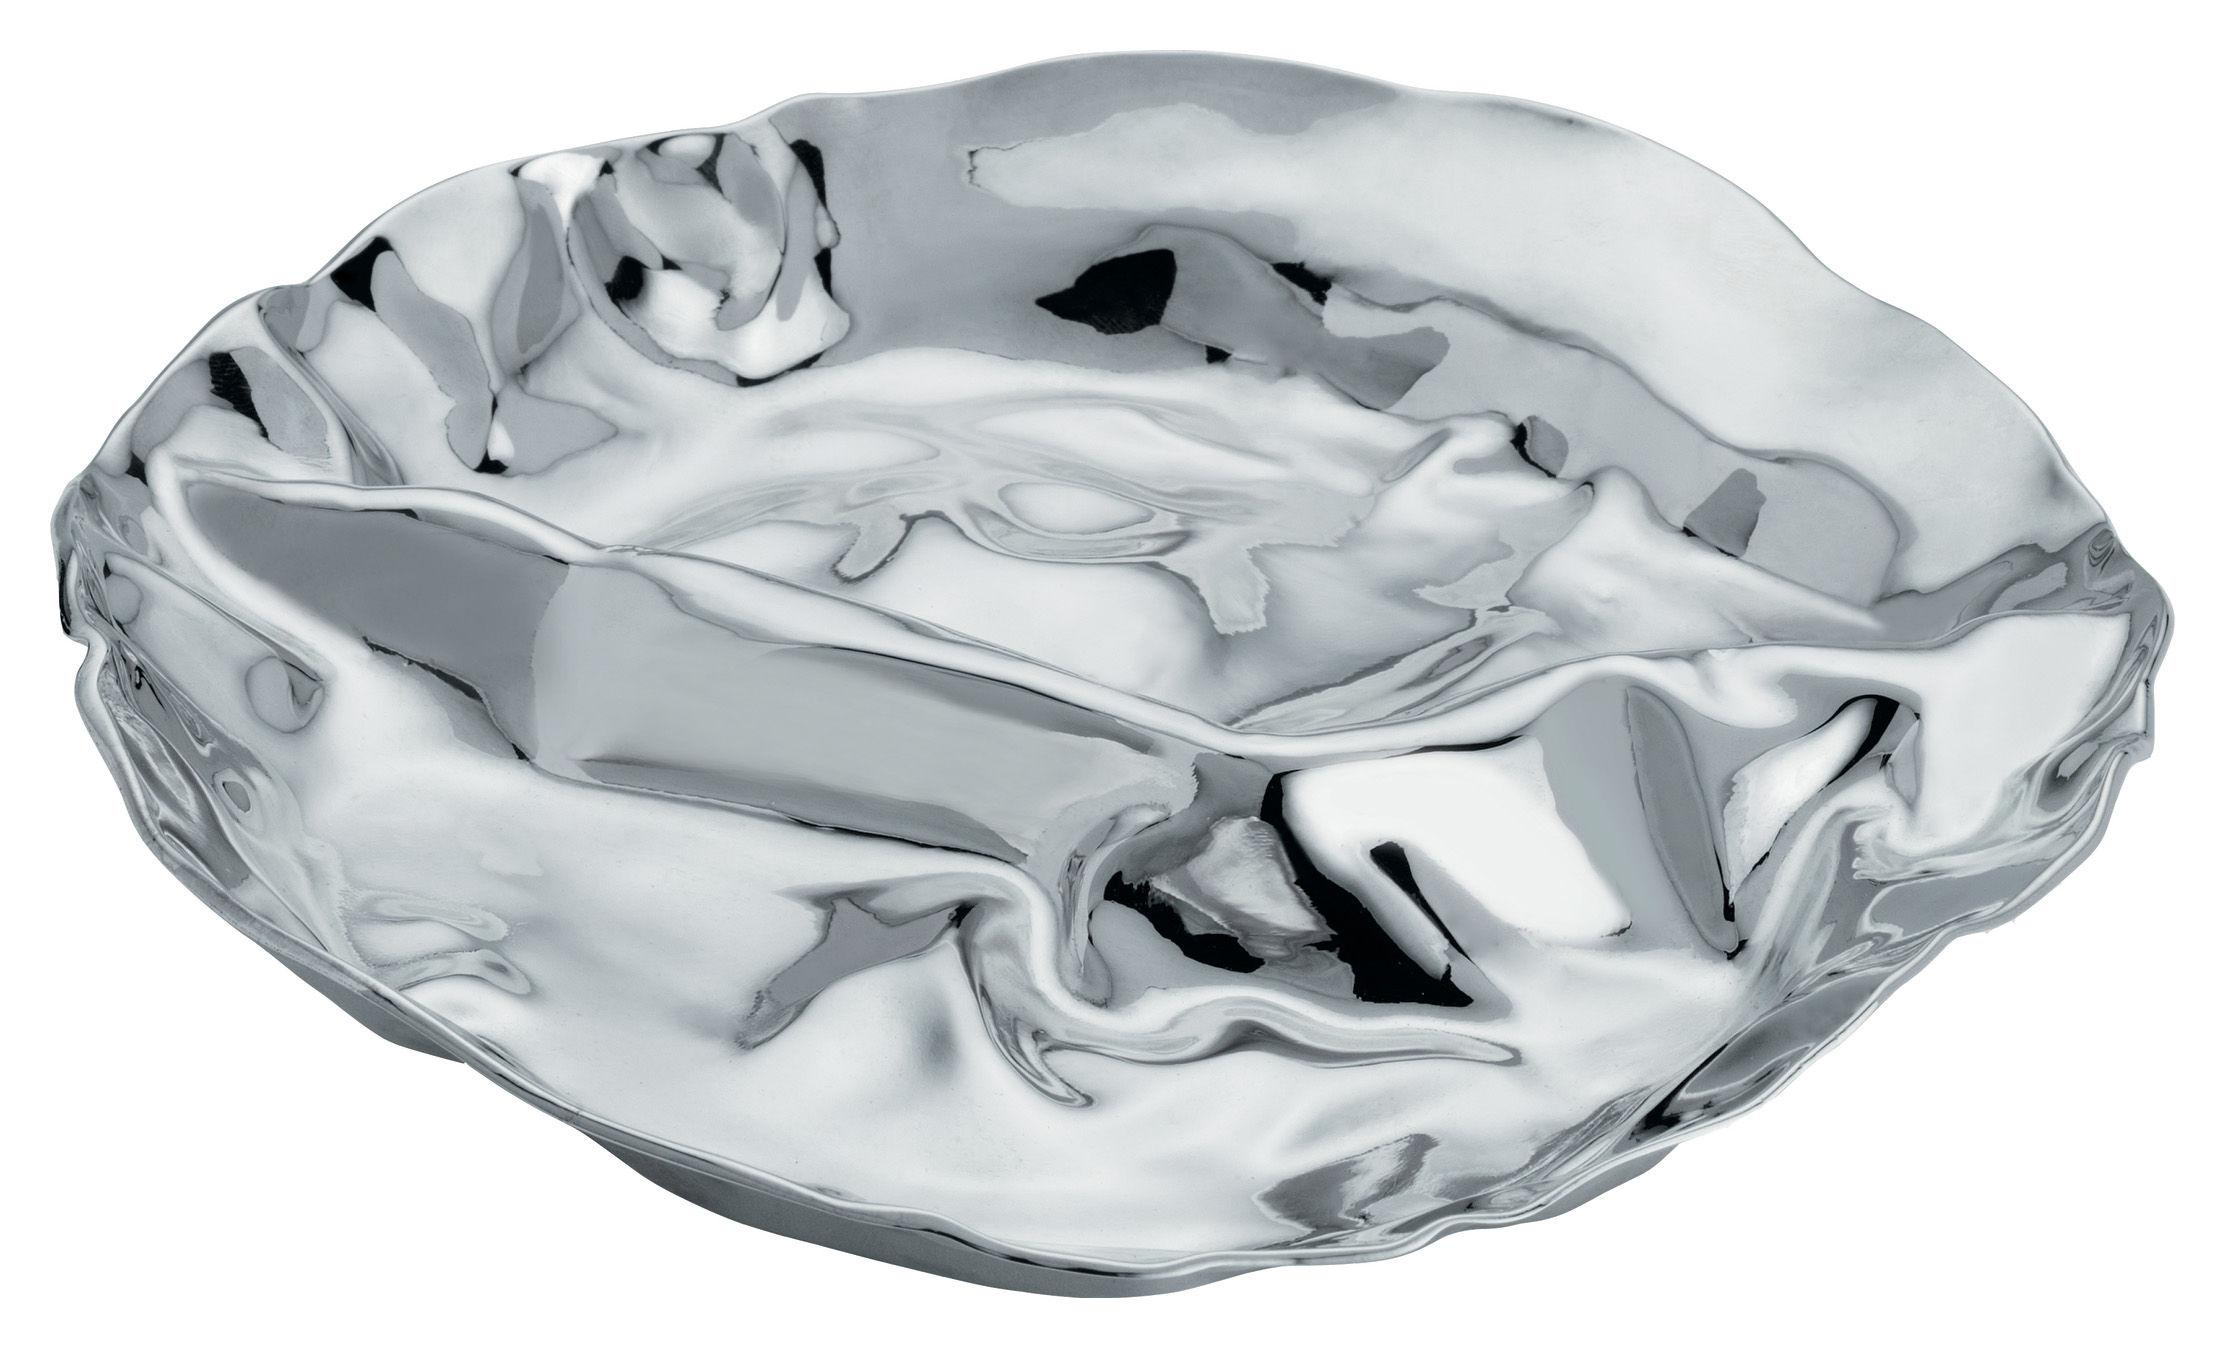 Tischkultur - Platten - Pepa Platte mit 2 Fächern - Alessi - Edelstahl glänzend - 2 Fächer - polierter rostfreier Stahl